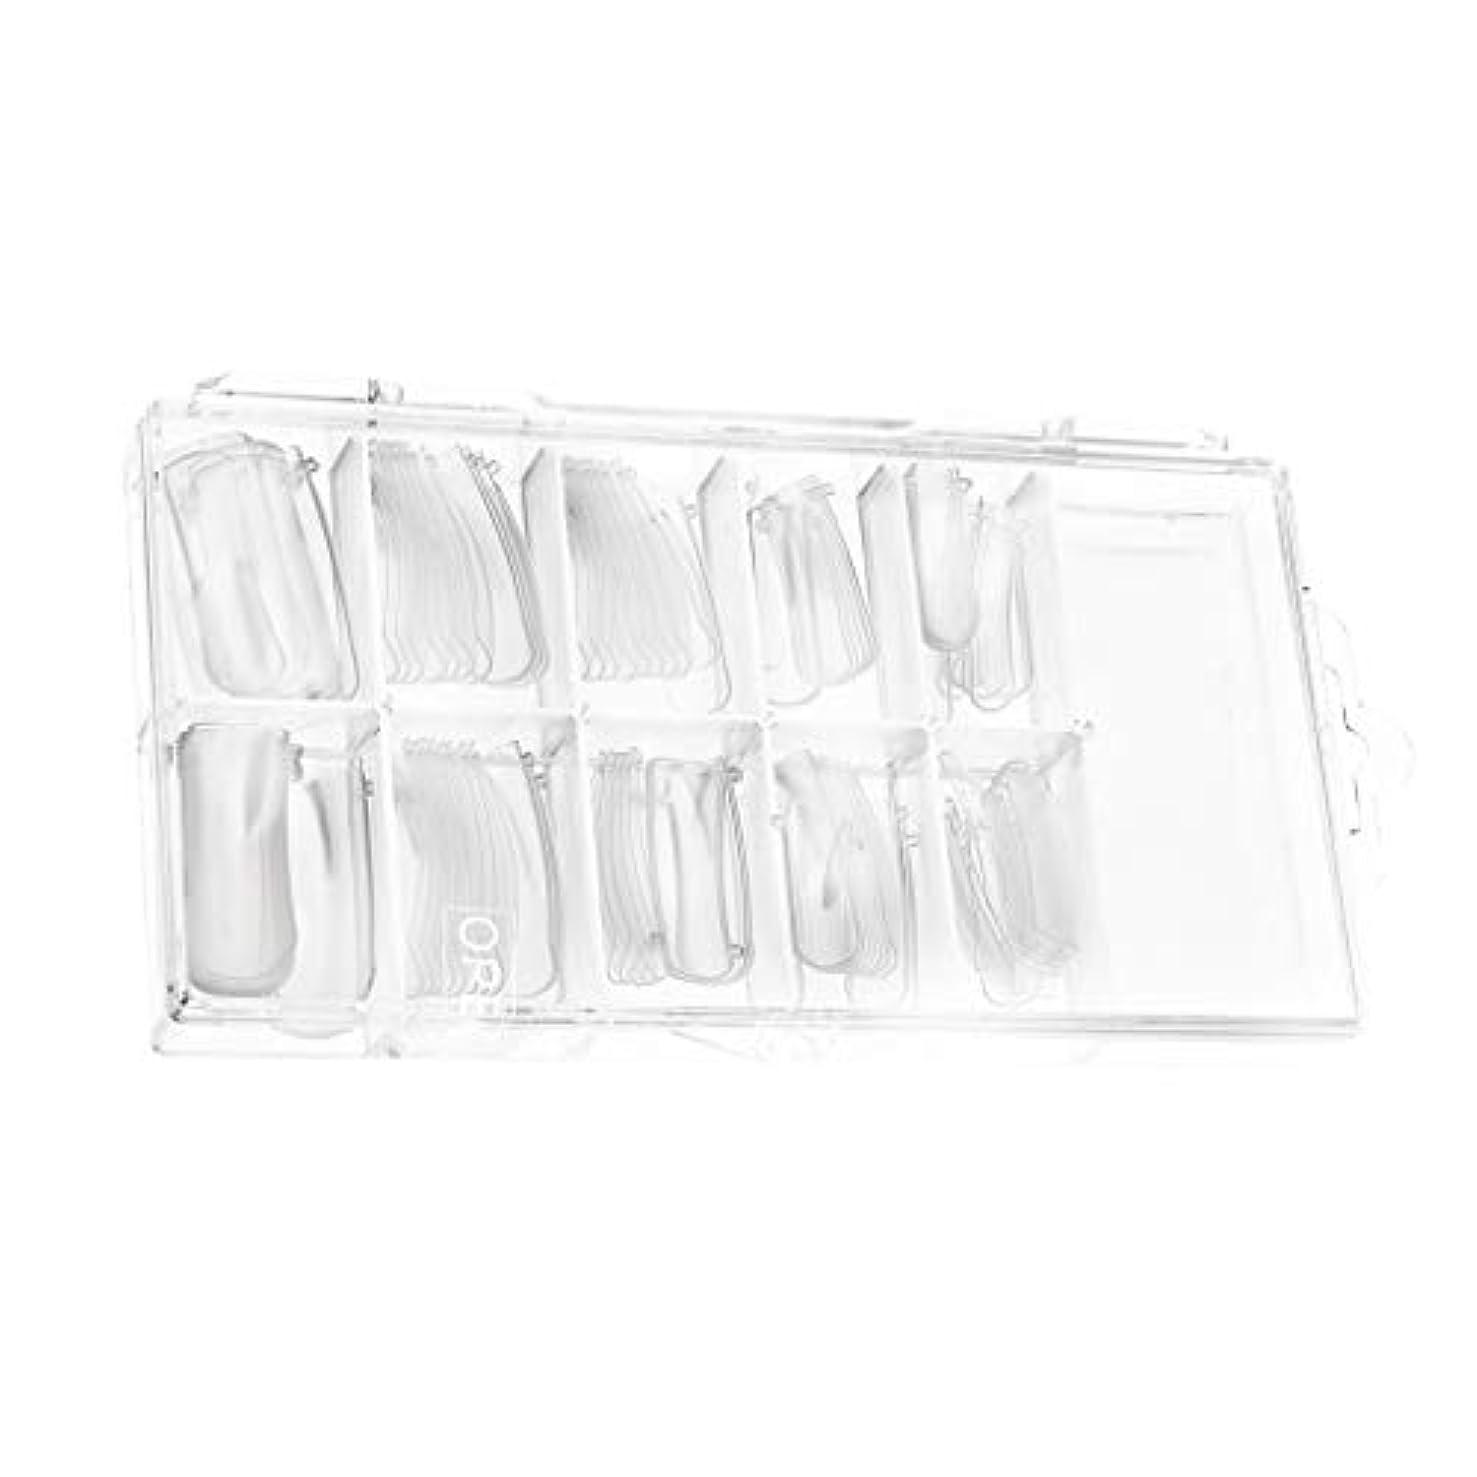 困難適切に受けるGeneric たくさん100棺ネイルクリアバレリーナネイルのヒントロングフルカバーアクリルネイル個人用または業務用(クリア)用10サイズ